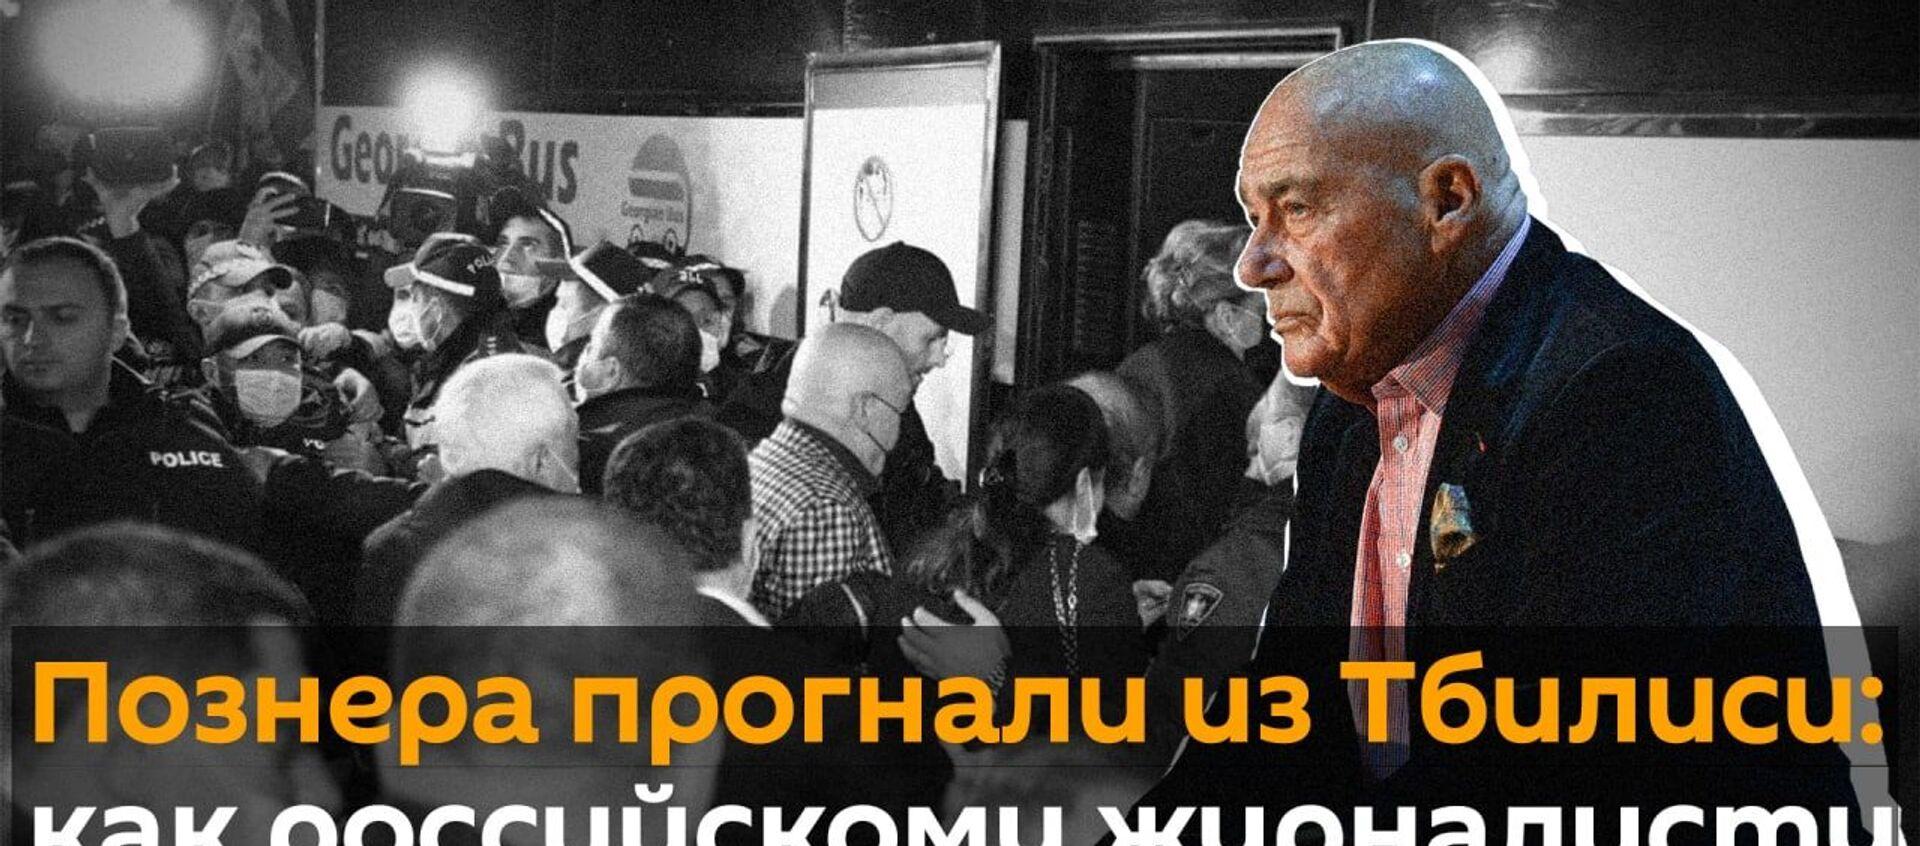 Познера прогнали из столицы Грузии: как российскому журналисту сорвали праздник - видео - Sputnik Грузия, 1920, 01.04.2021